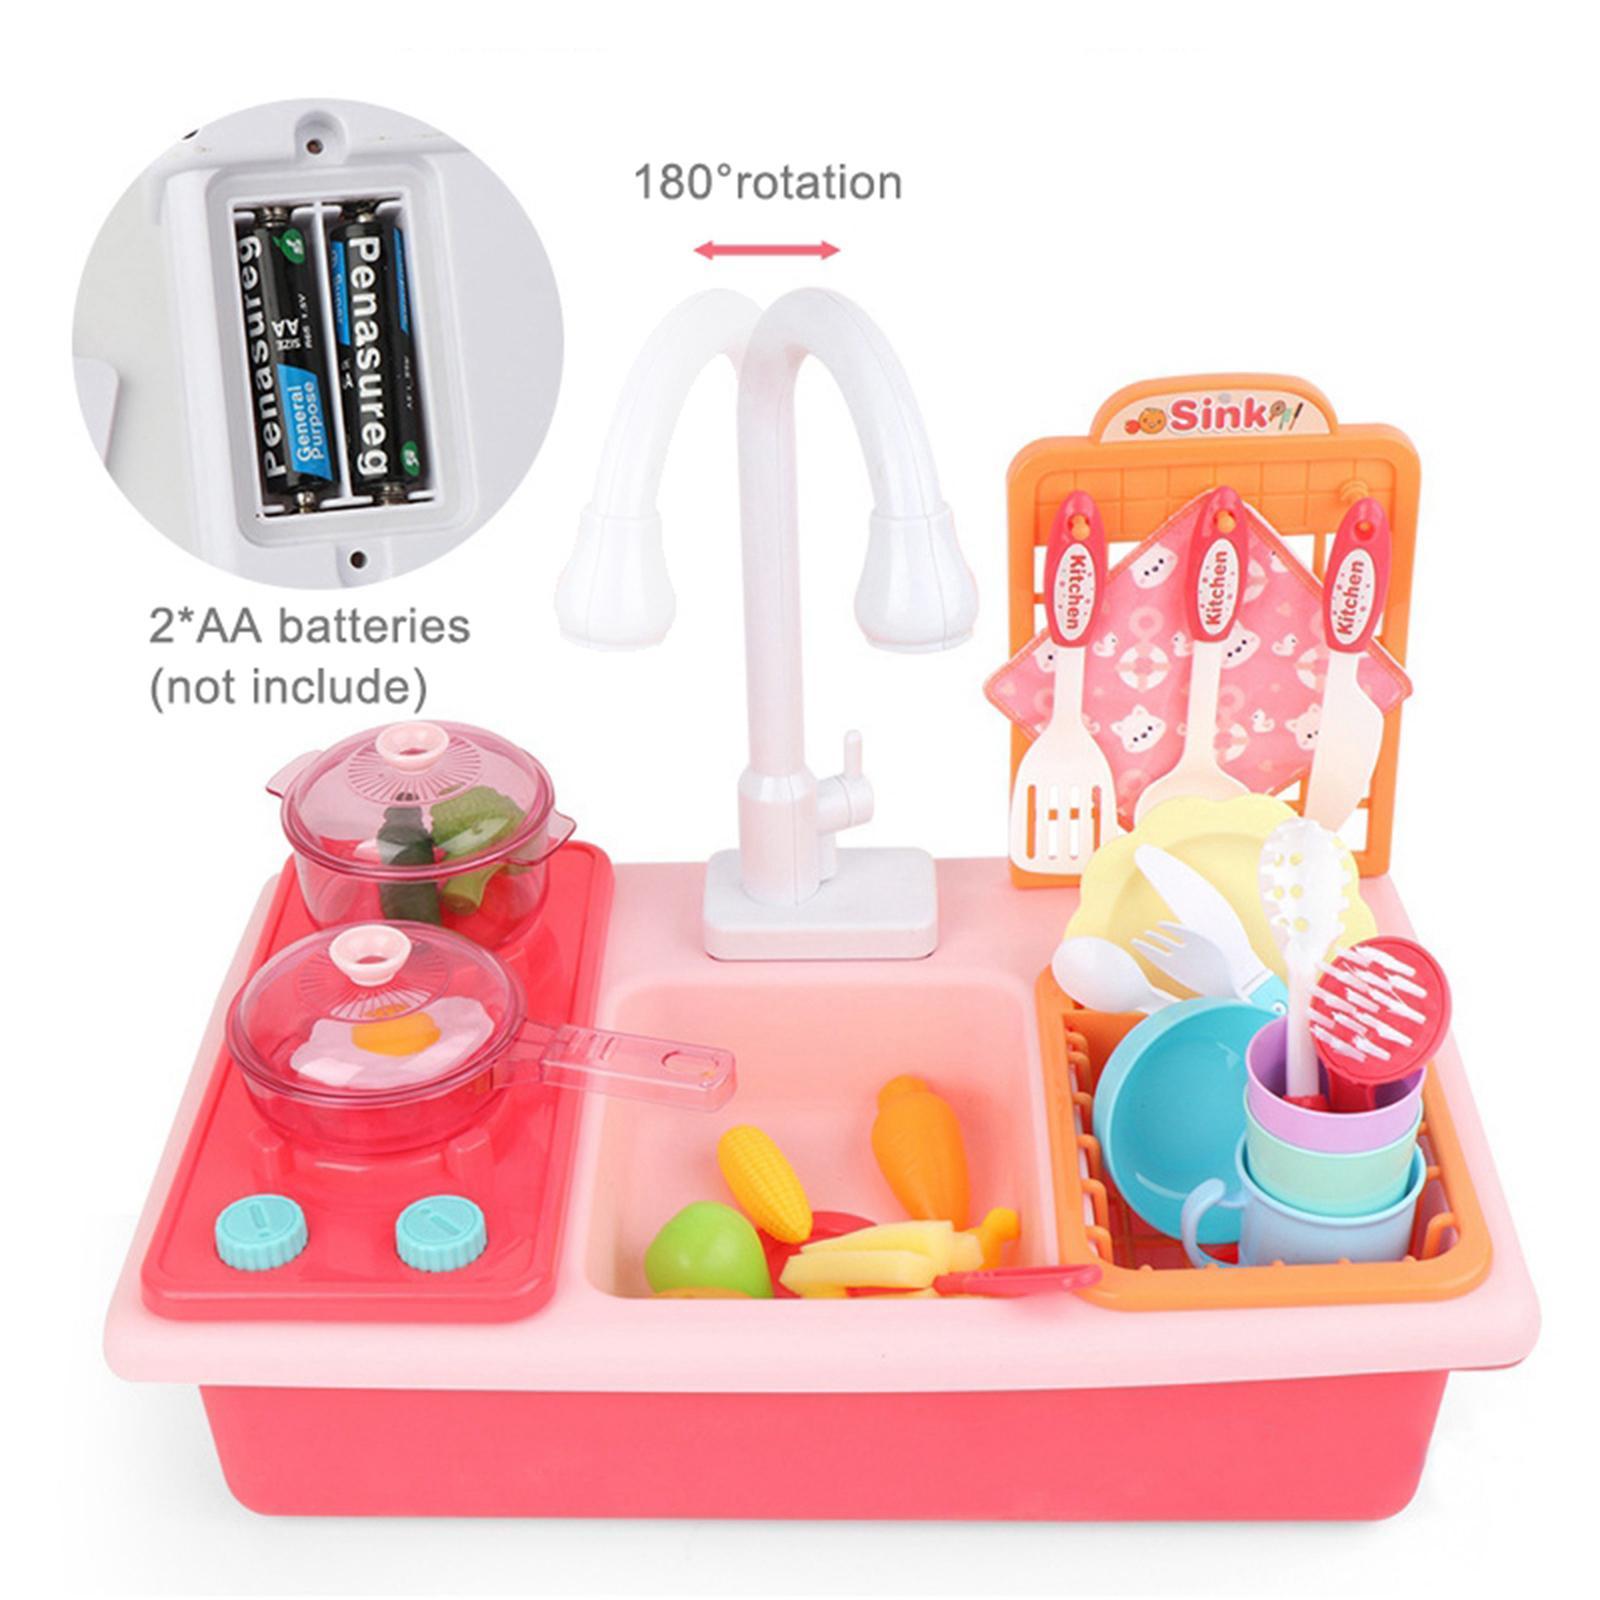 Indexbild 28 - Kinder-Kueche-Spielen-Waschbecken-Spielzeug-Automatische-Wasser-Zyklus-System